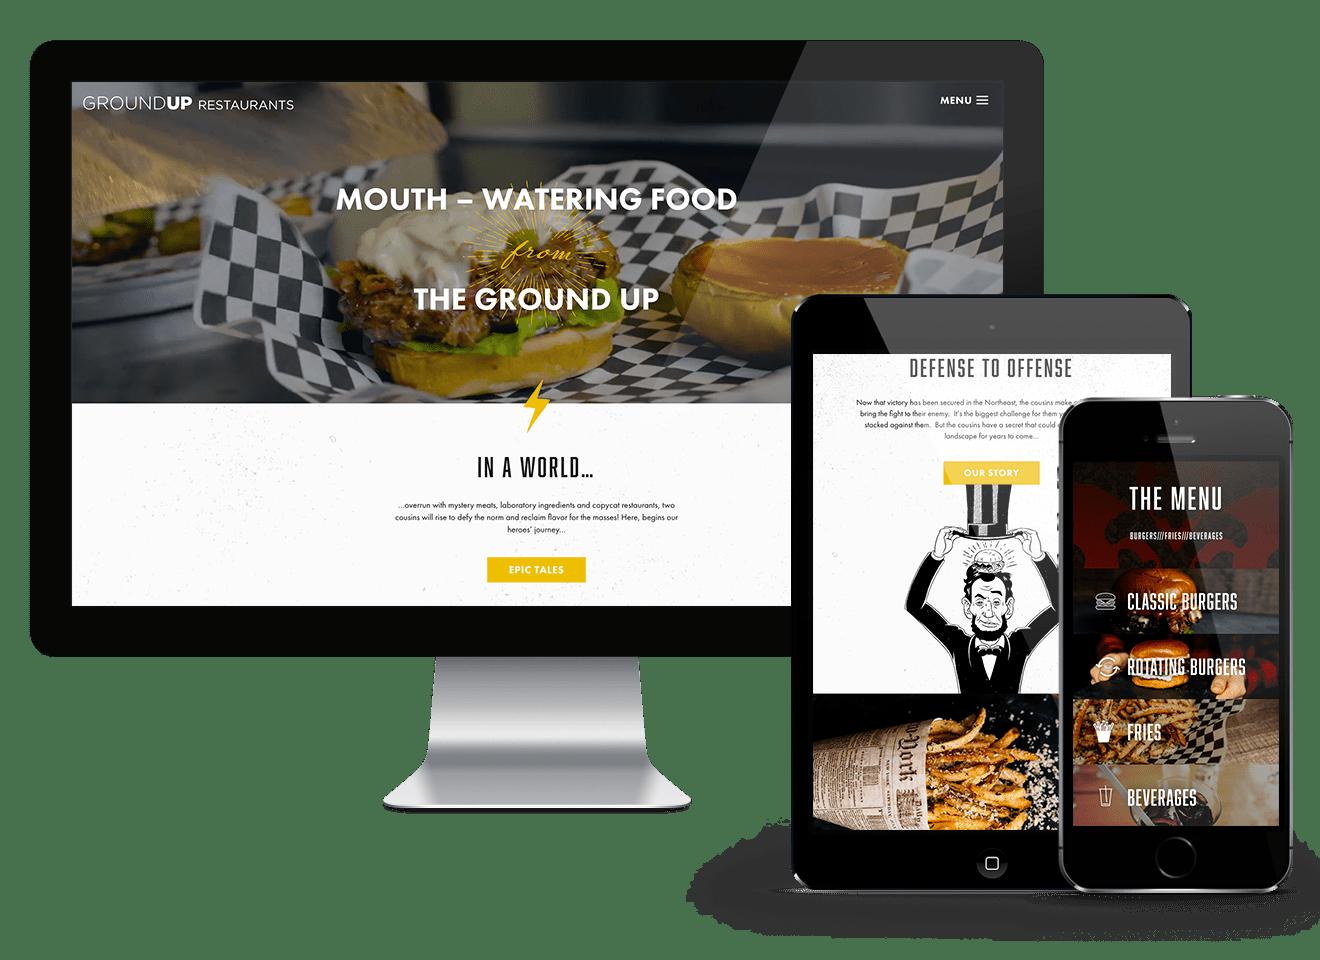 Ground Up Restaurants